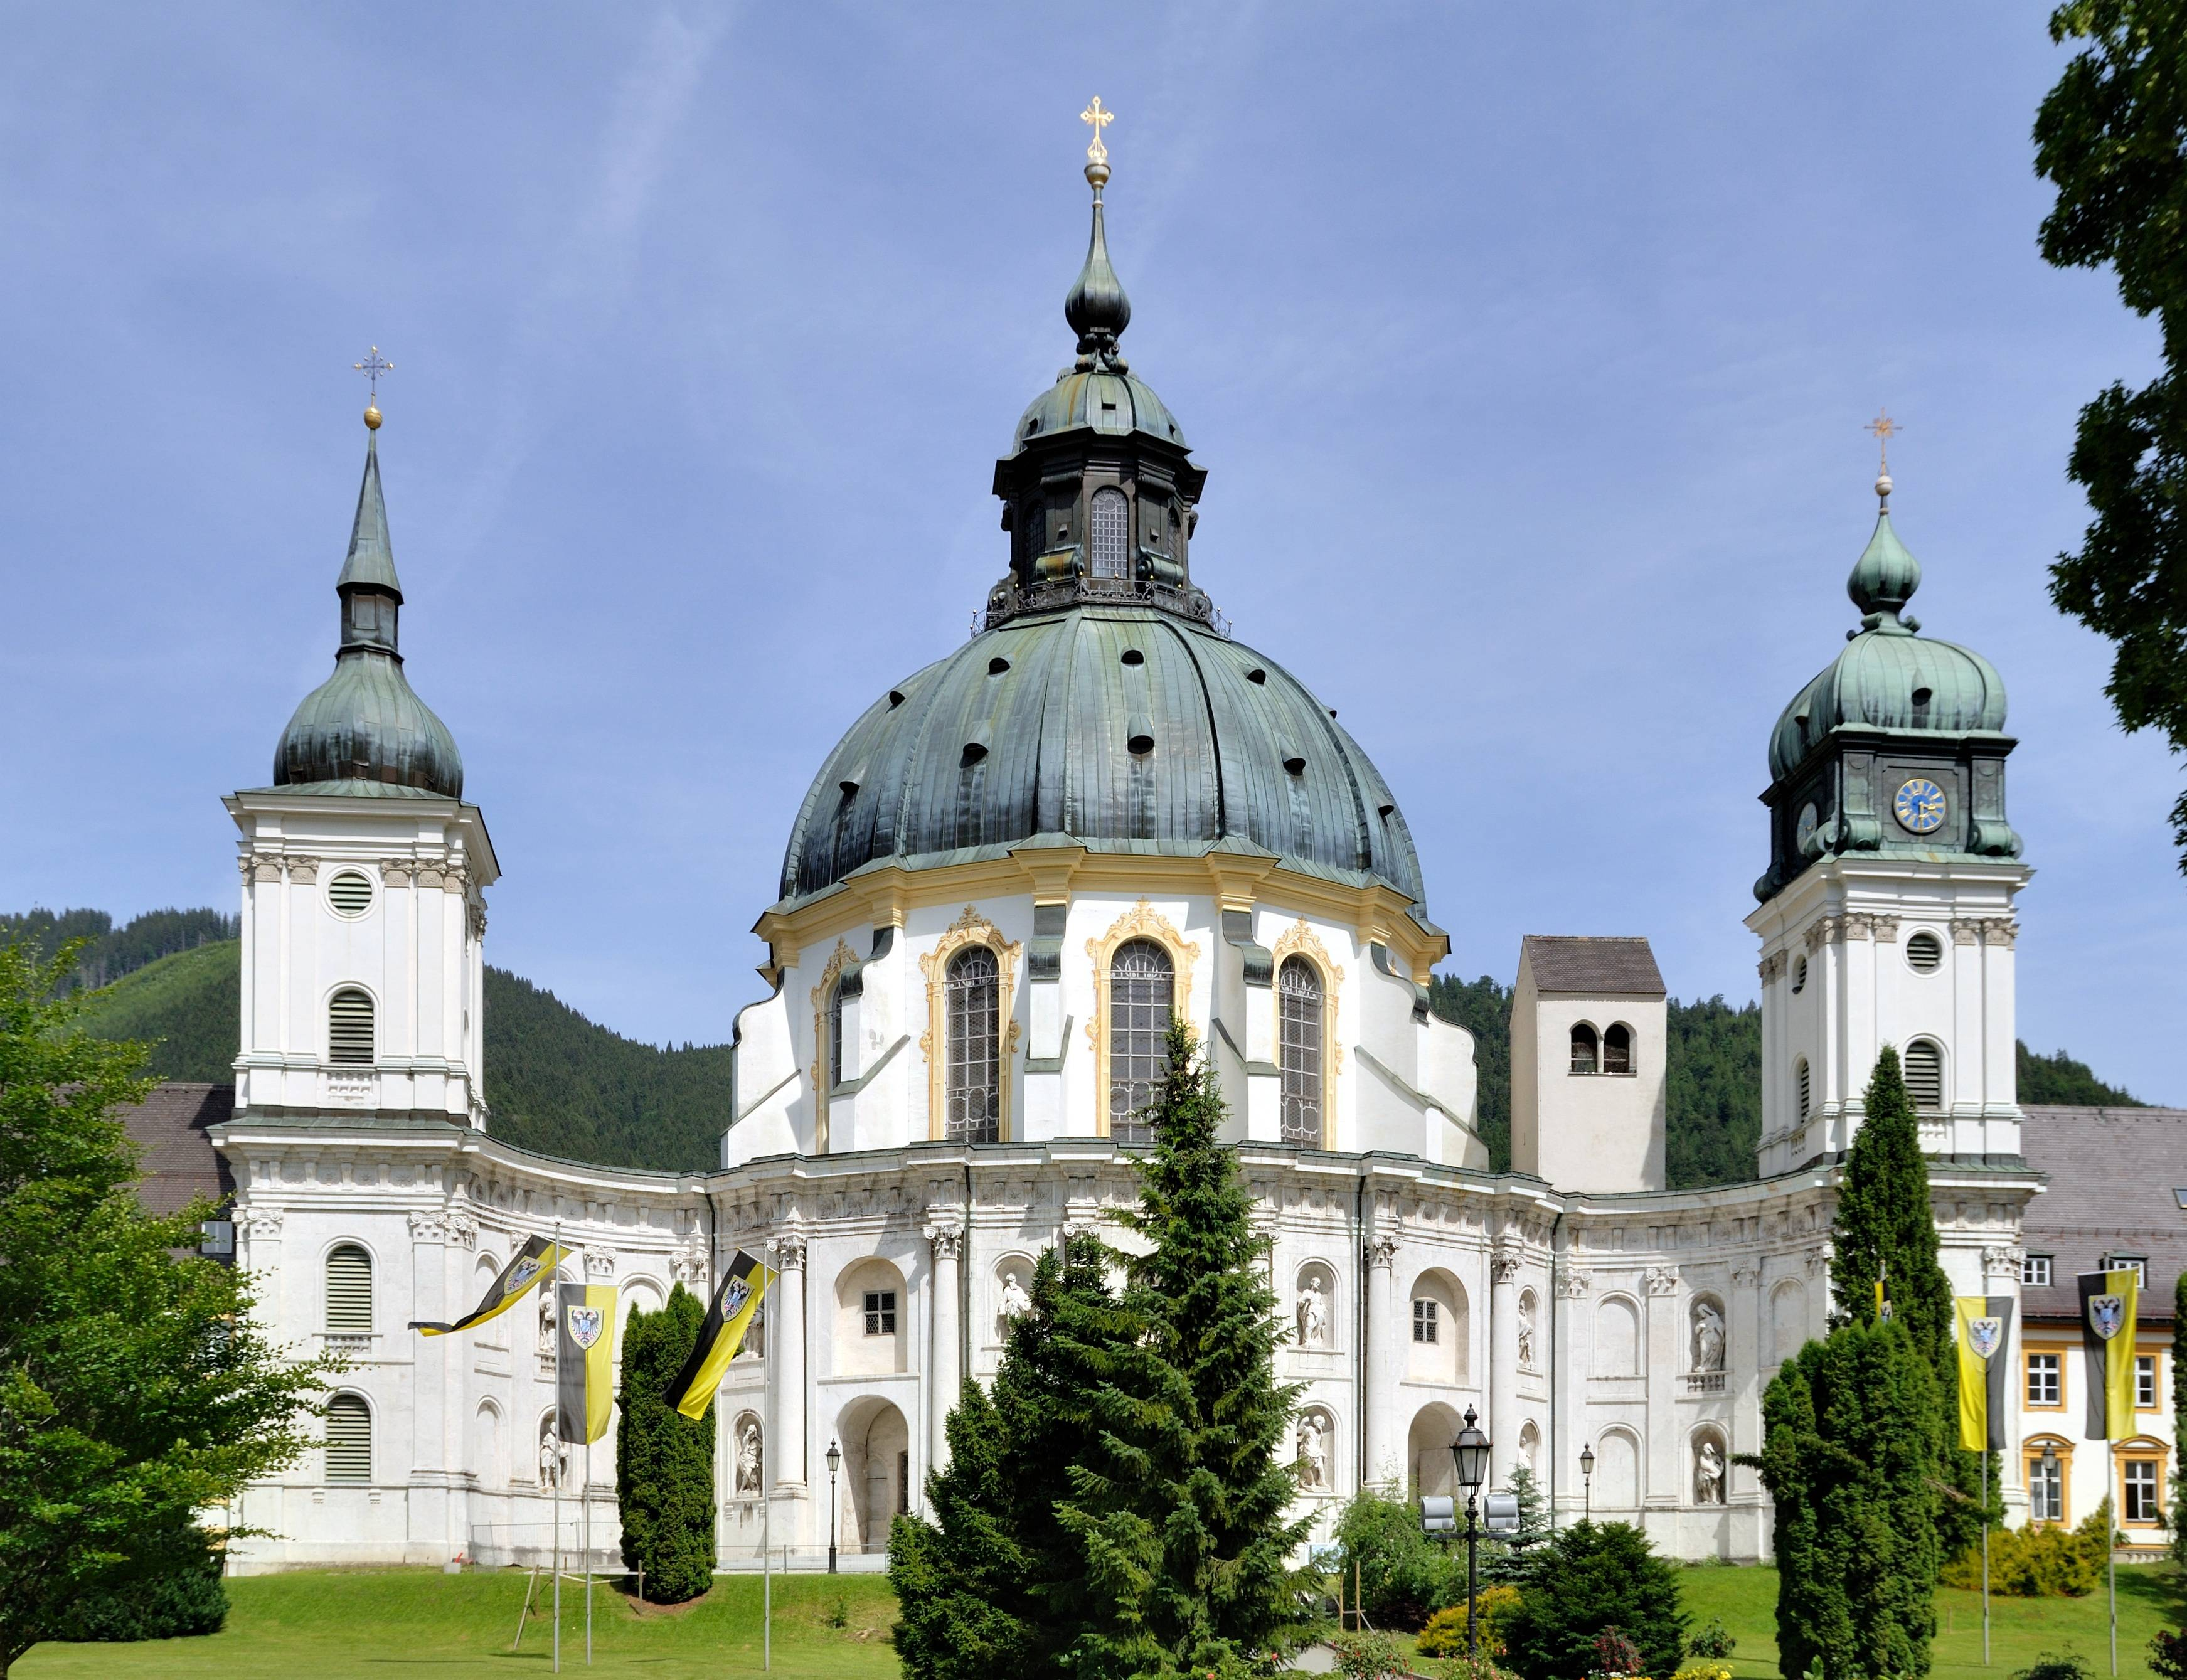 Альпийская деревня в баварии: как выглядит деревня этталь и отель